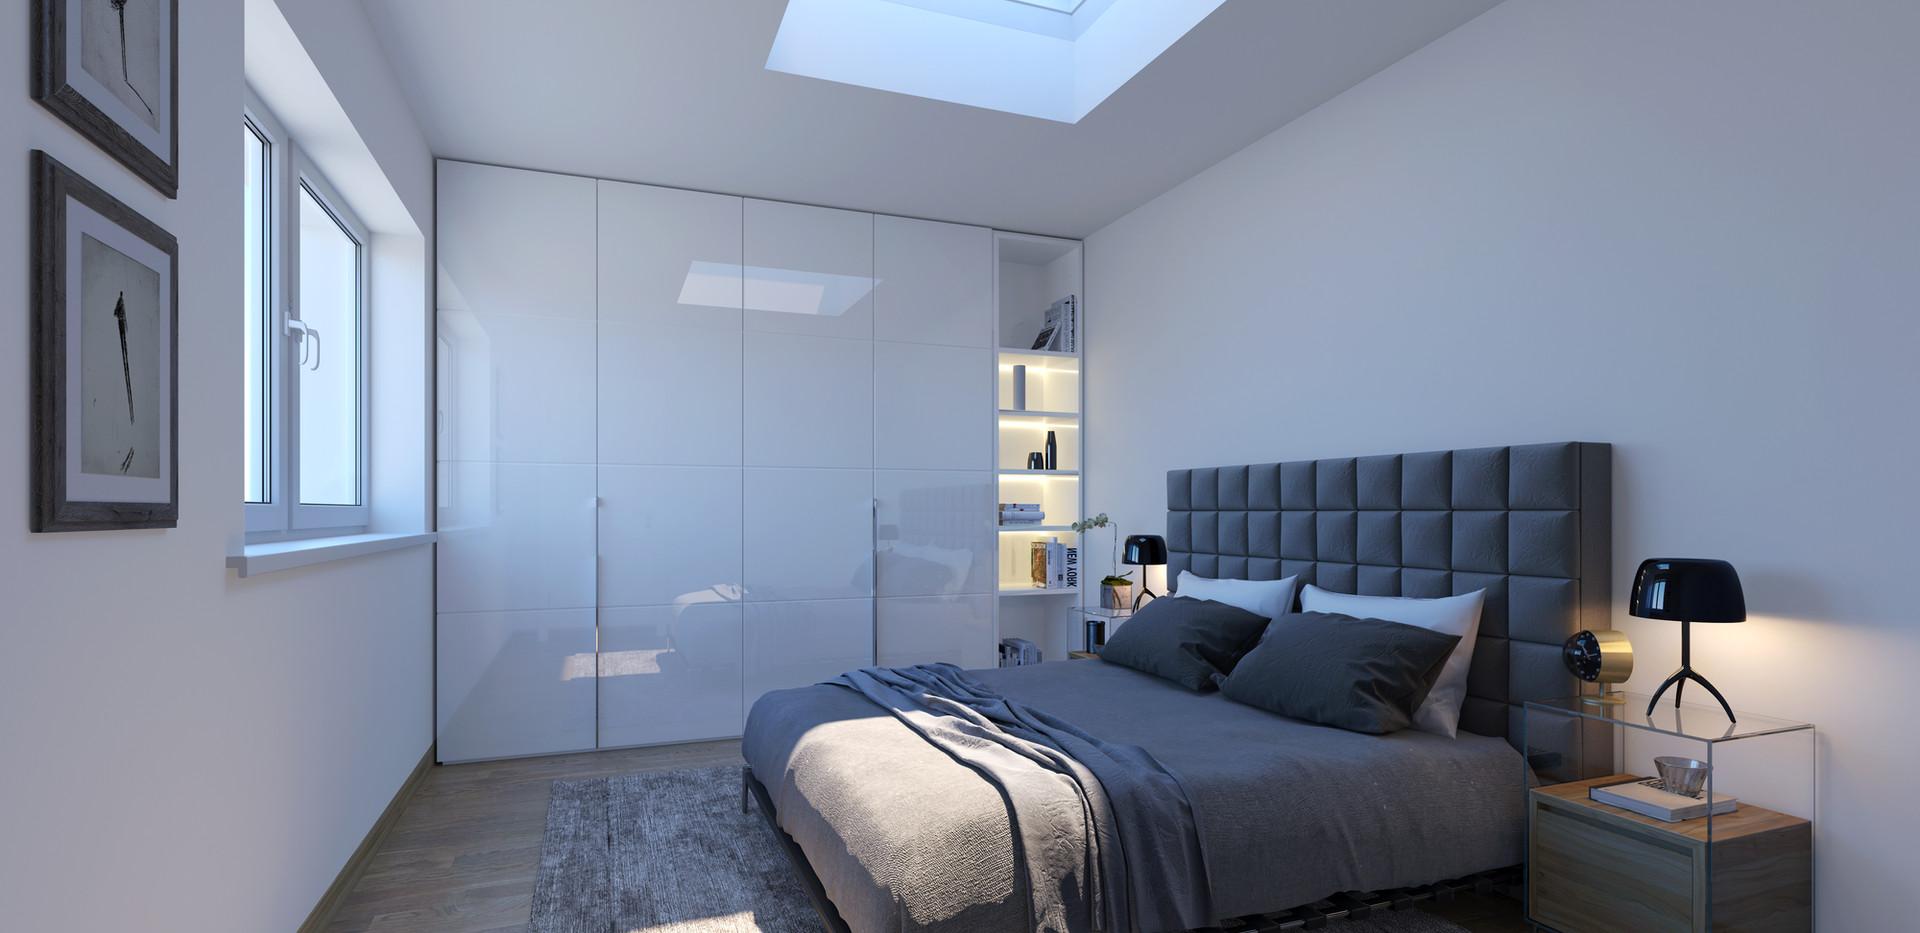 Bedroom Skylight Dream